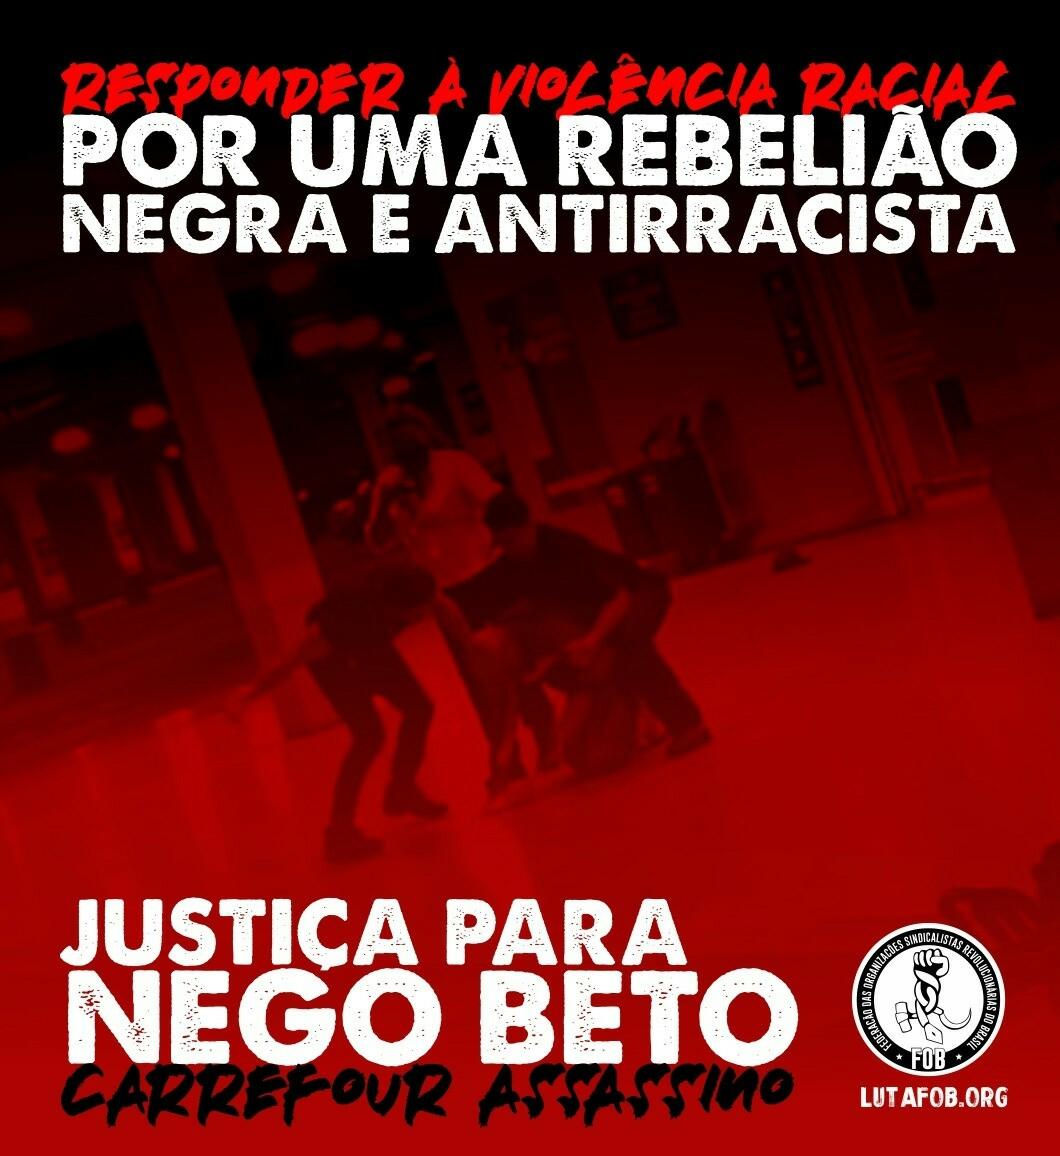 Convocatória para a ação direta e solidariedade internacional contra a violência racista e o assassinato de Nego Beto por seguranças do Carrefour